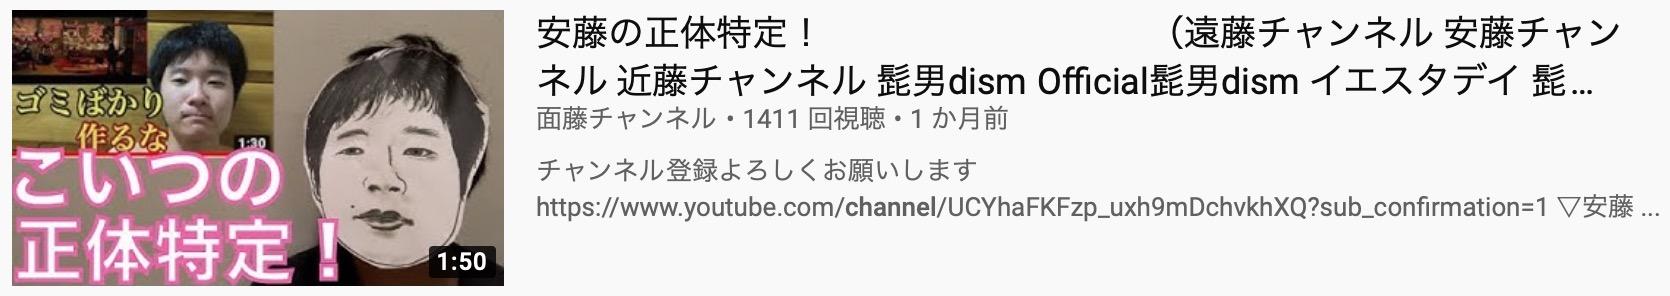 遠藤チャンネル アイコン